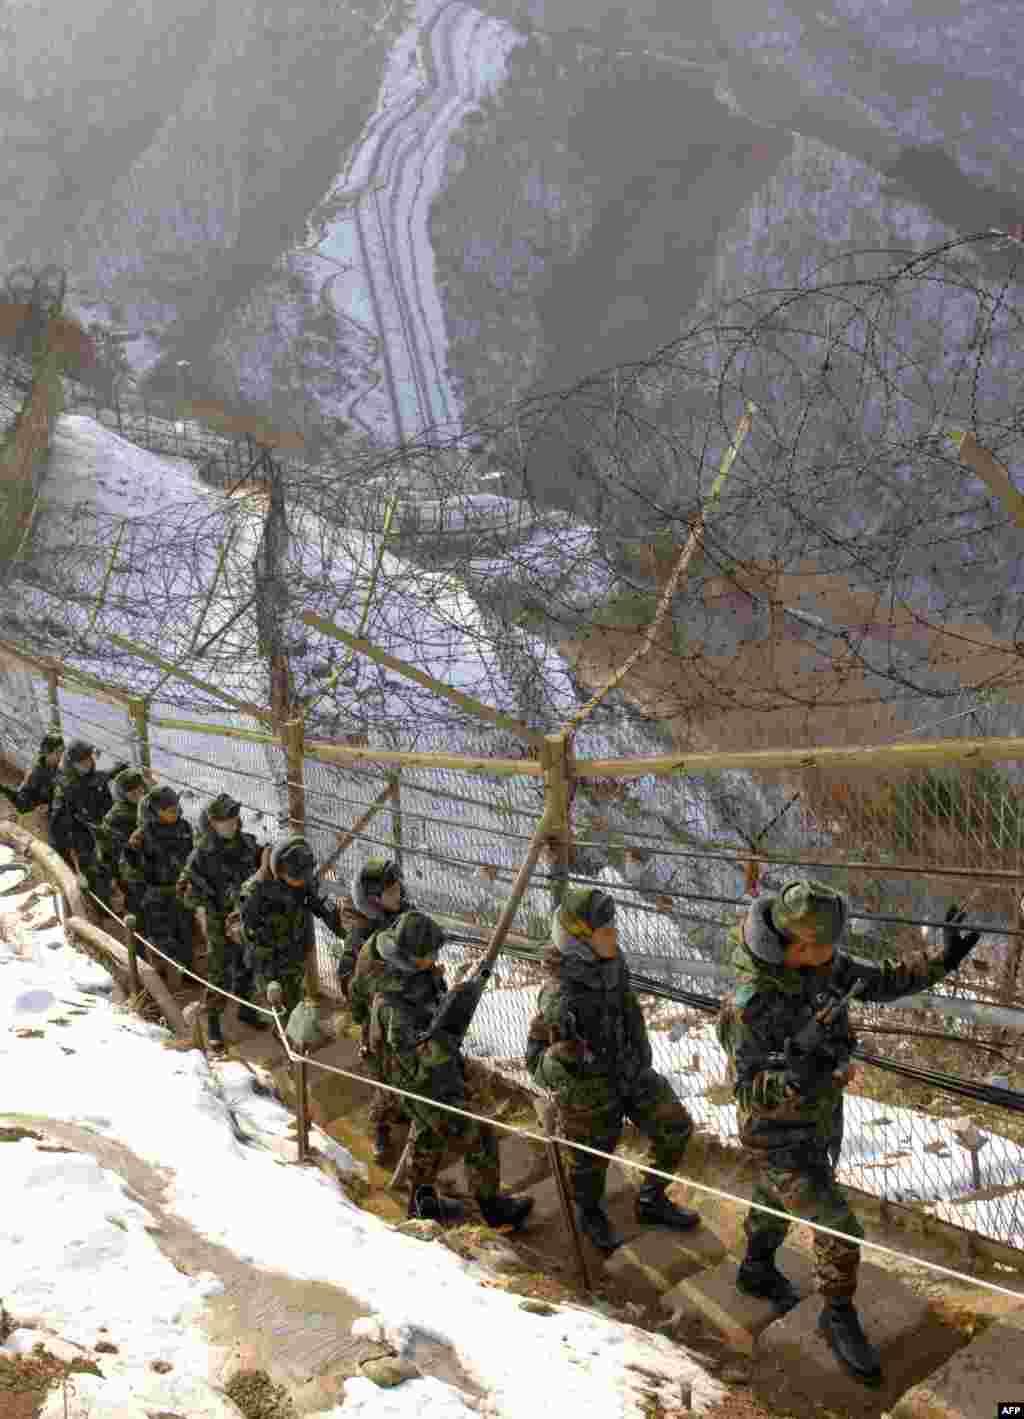 Еще одна стена находится на демилитаризированной зоне между Северной и Южной Кореями. Ее длина - 240 км, некоторые ее участки также находятся под напряжением. Забор между государствами появился в 70-х прошлого столетия, когда стороны не смогли договориться о перемирии. В середине августа стороны впервые за долгое время обстреляли друг друга